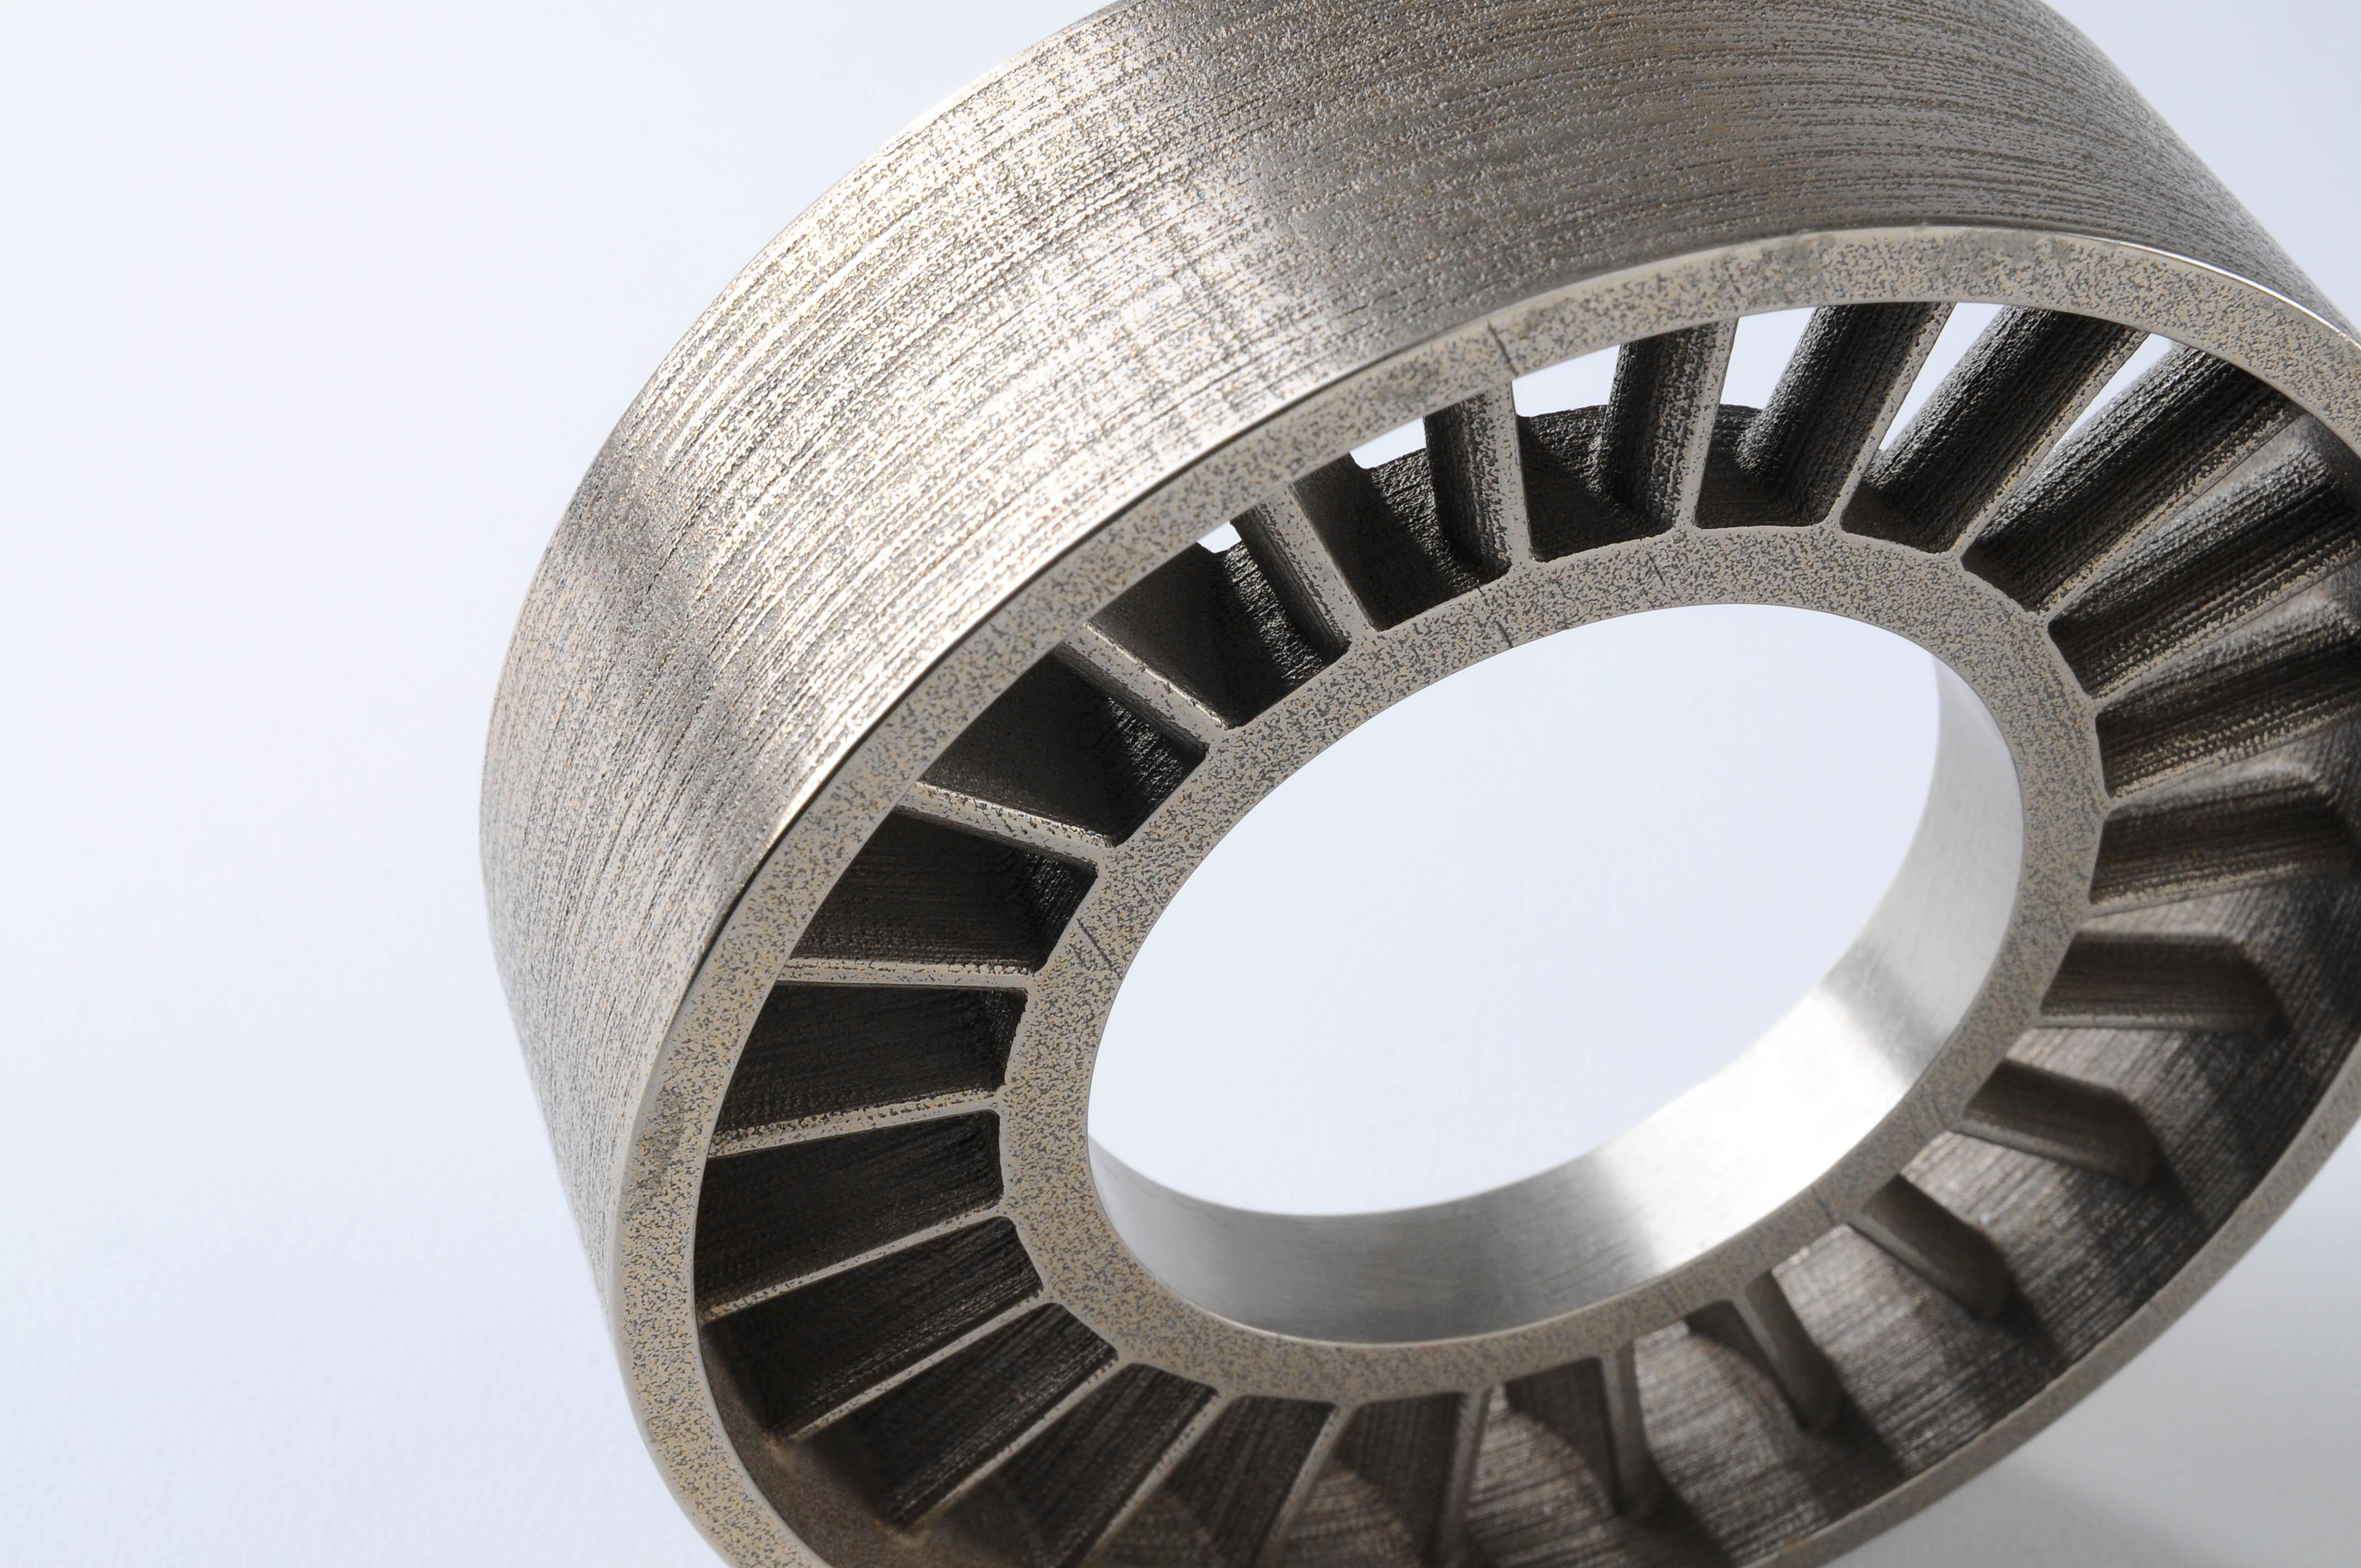 ایستانه یا استاتور گاز و روغن، پرینت سه بعدی با متریال فواد ضدزنگ یا استیل و پر شده با برنز. سطح قطعات فلزی ساخته شده با پرینتر سه بعدی بایندرجت معمولا بافتی مشابه سطح این قطعه دارند.